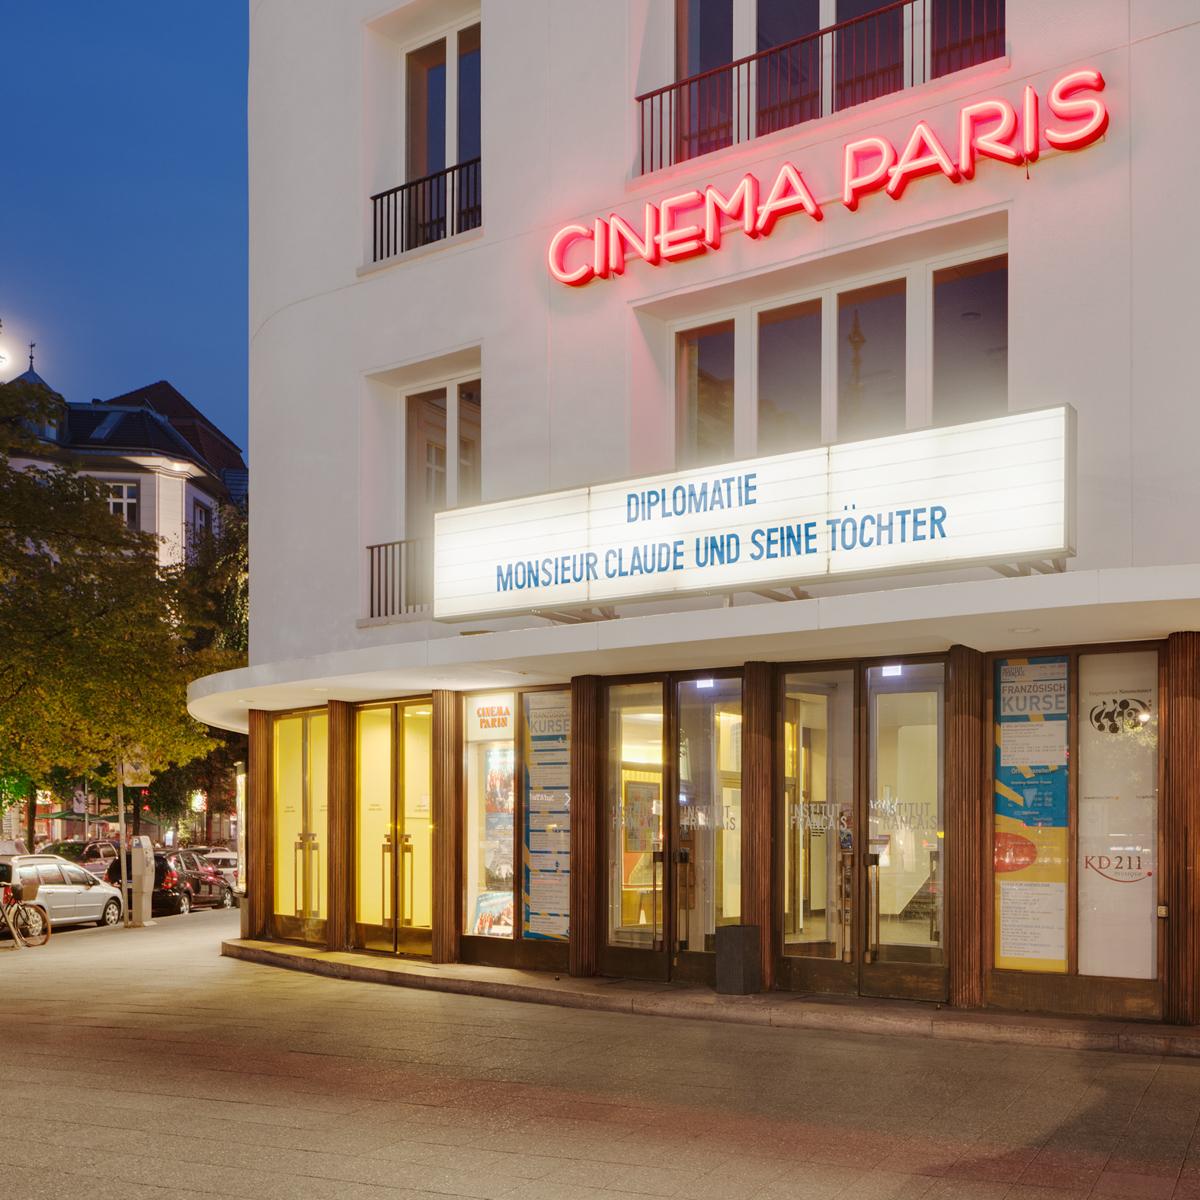 Cinema Paris in Berlin © Yorck Kinogruppe | Daniel Horn 2